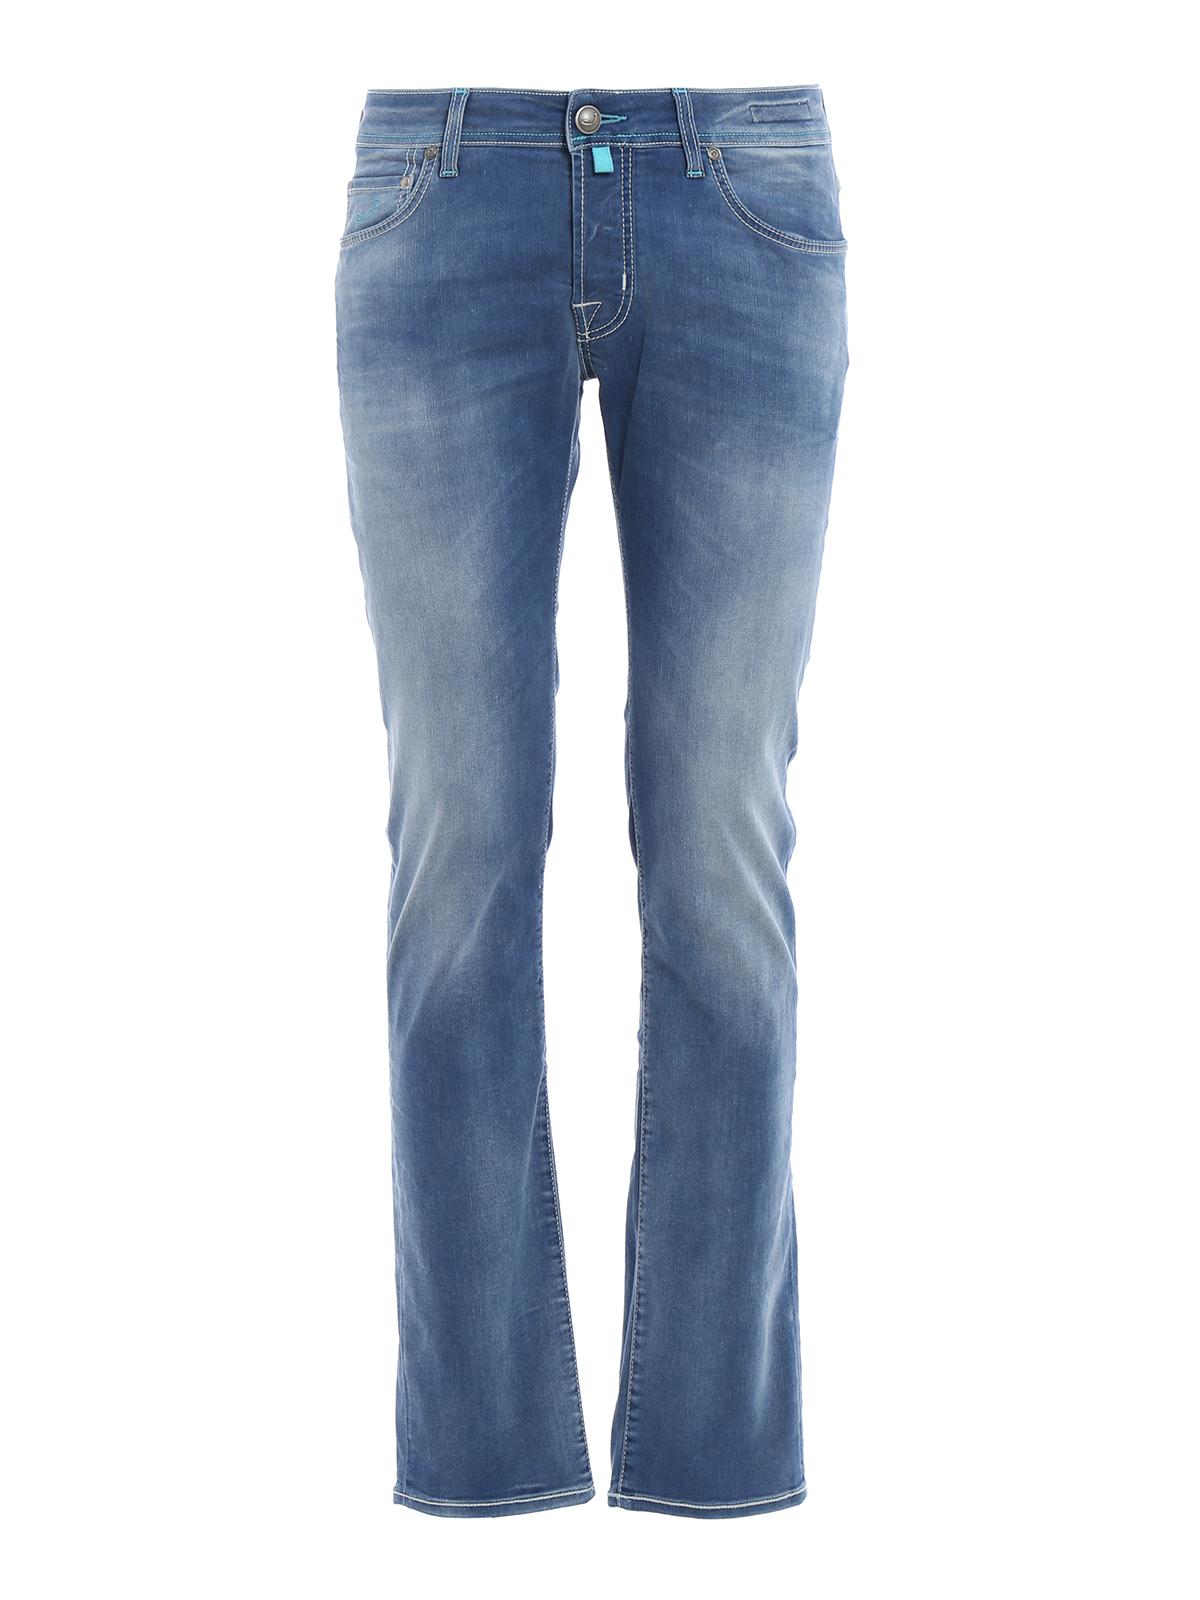 Pw622 light blue stitches jeans by jacob cohen straight - Jacob cohen denim ...